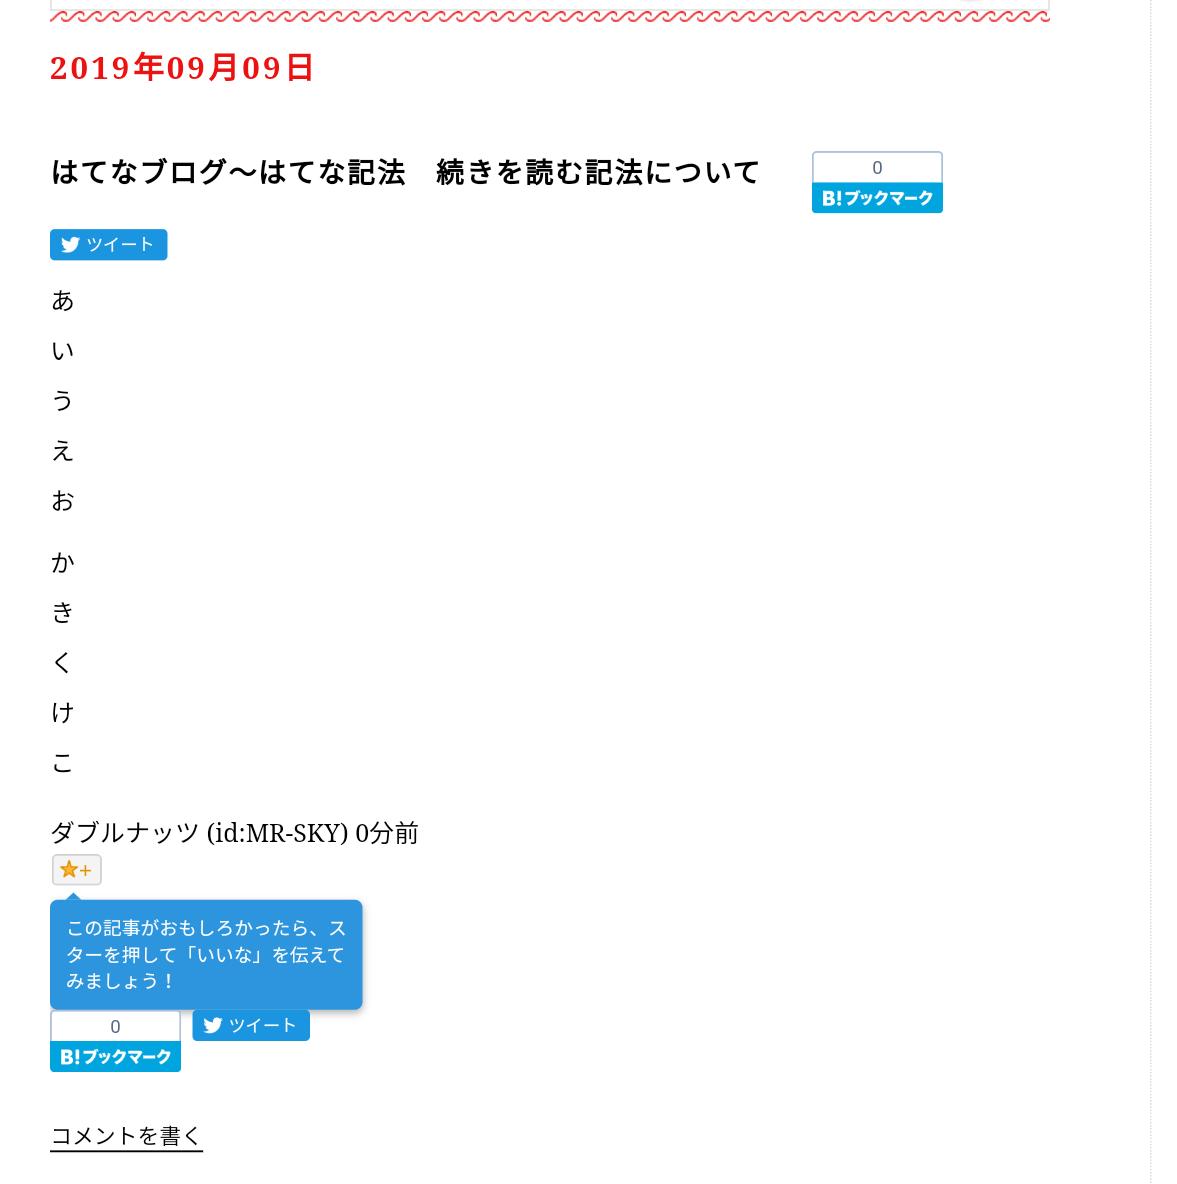 f:id:MR-SKY:20190909180932p:plain